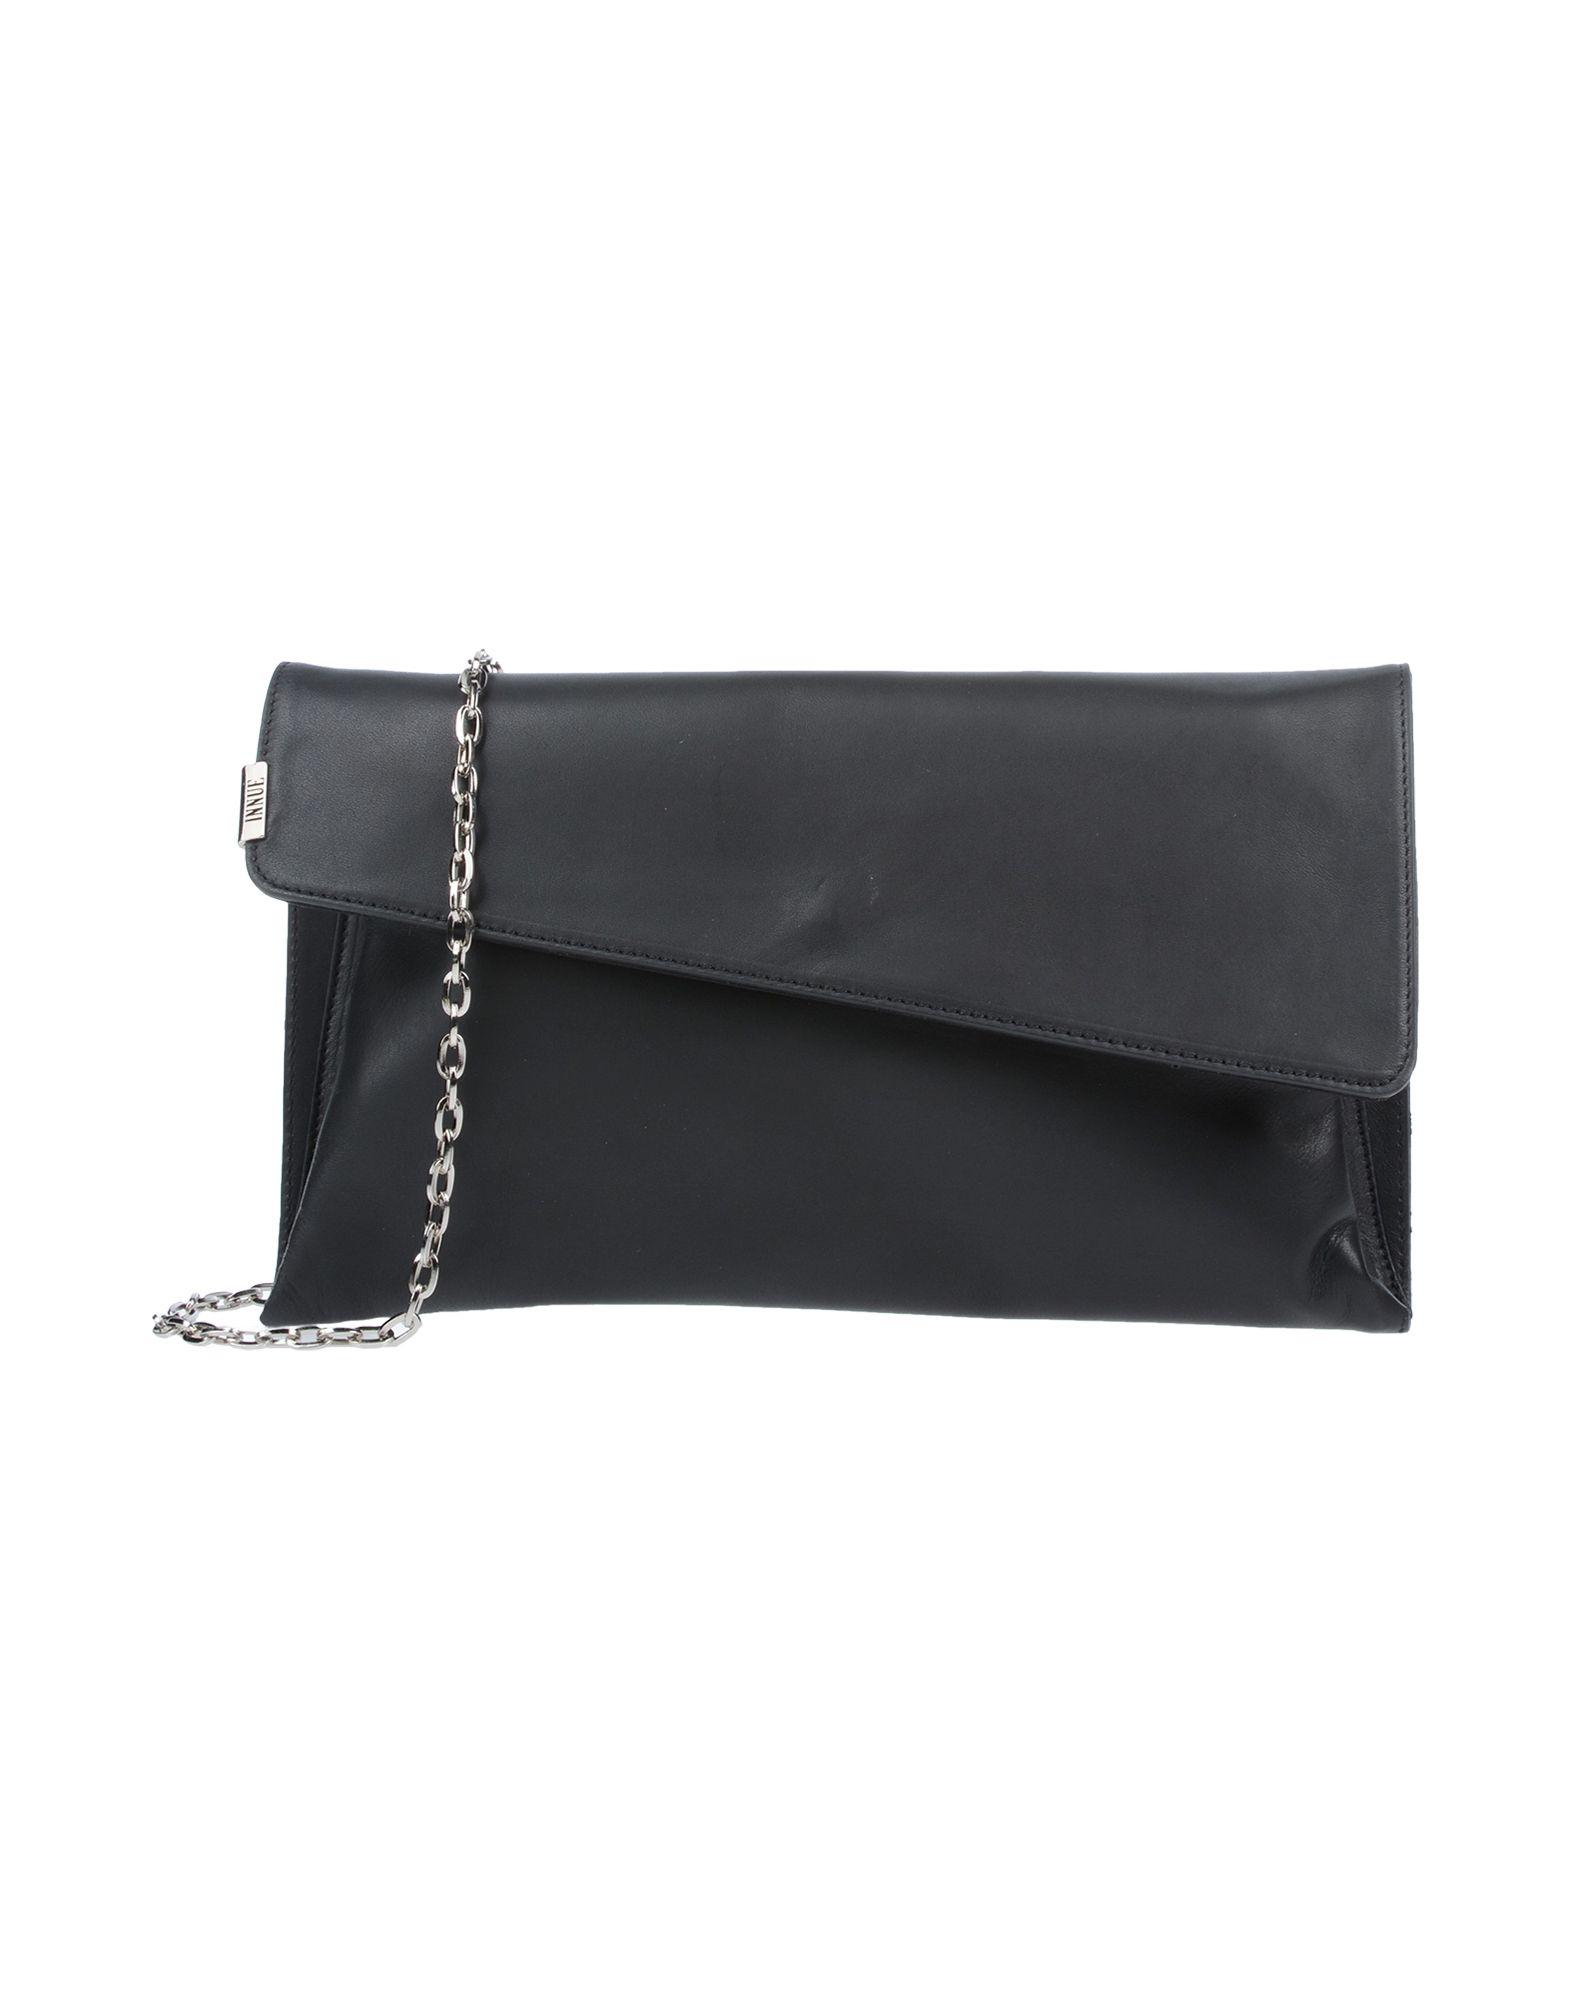 90865e38af61 Innue  Women - Innue  Handbags Leather - YOOX United States